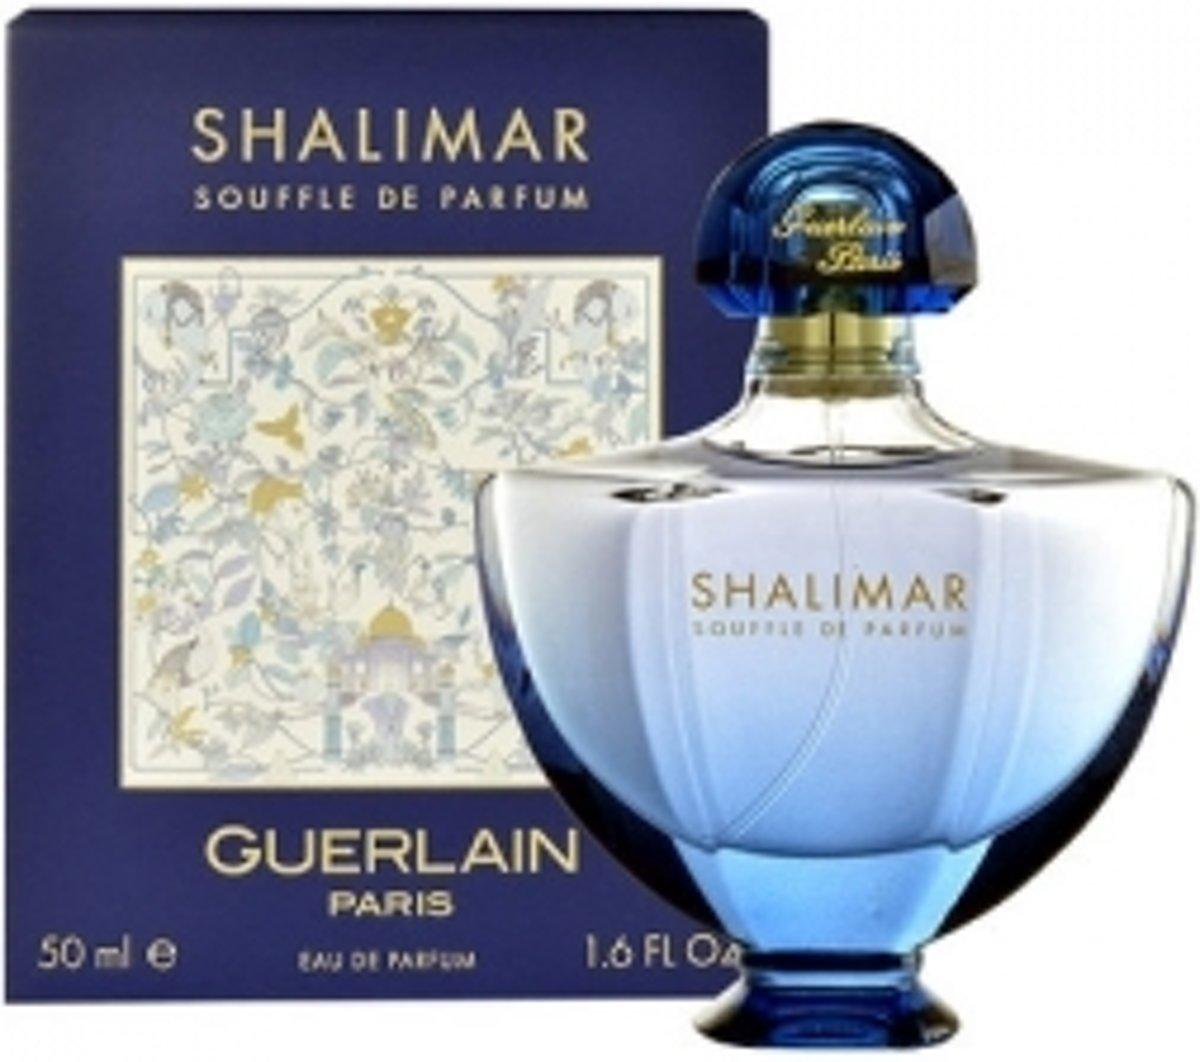 Guerlain Shalimar Souffle De Parfum 30 Ml Eau 90ml